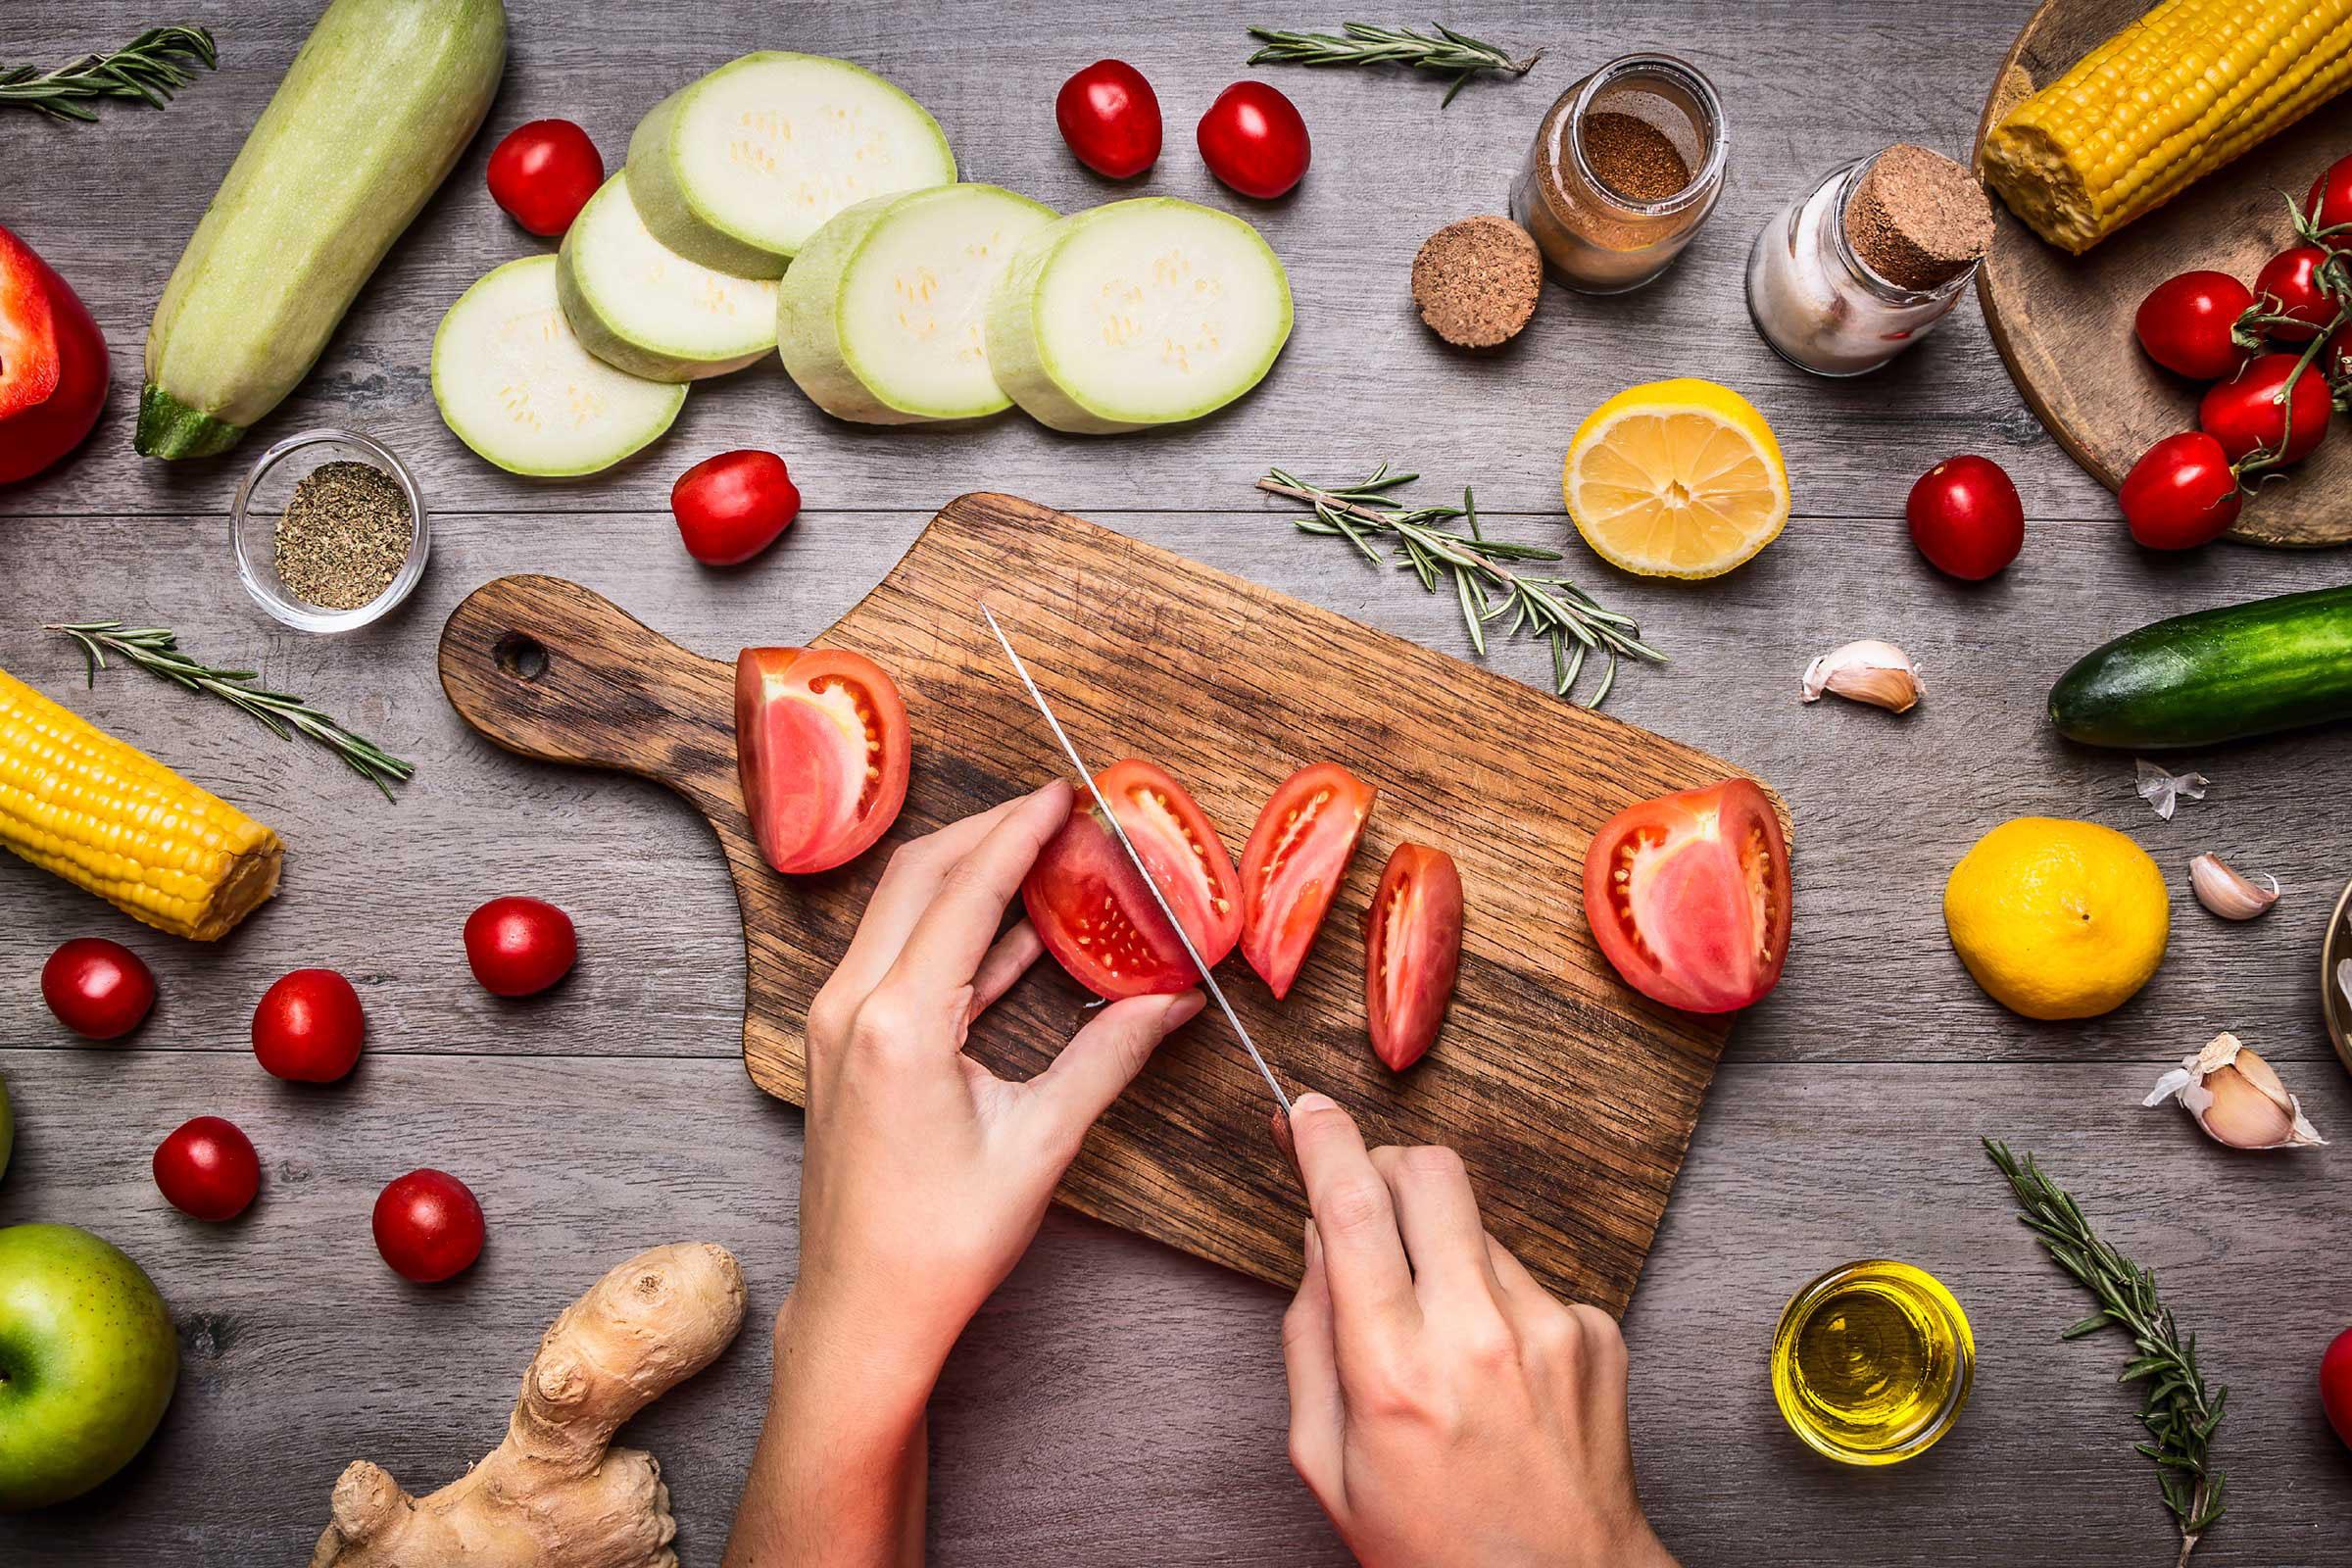 Вегетарианская диета может защитить от рака и болезней сердца